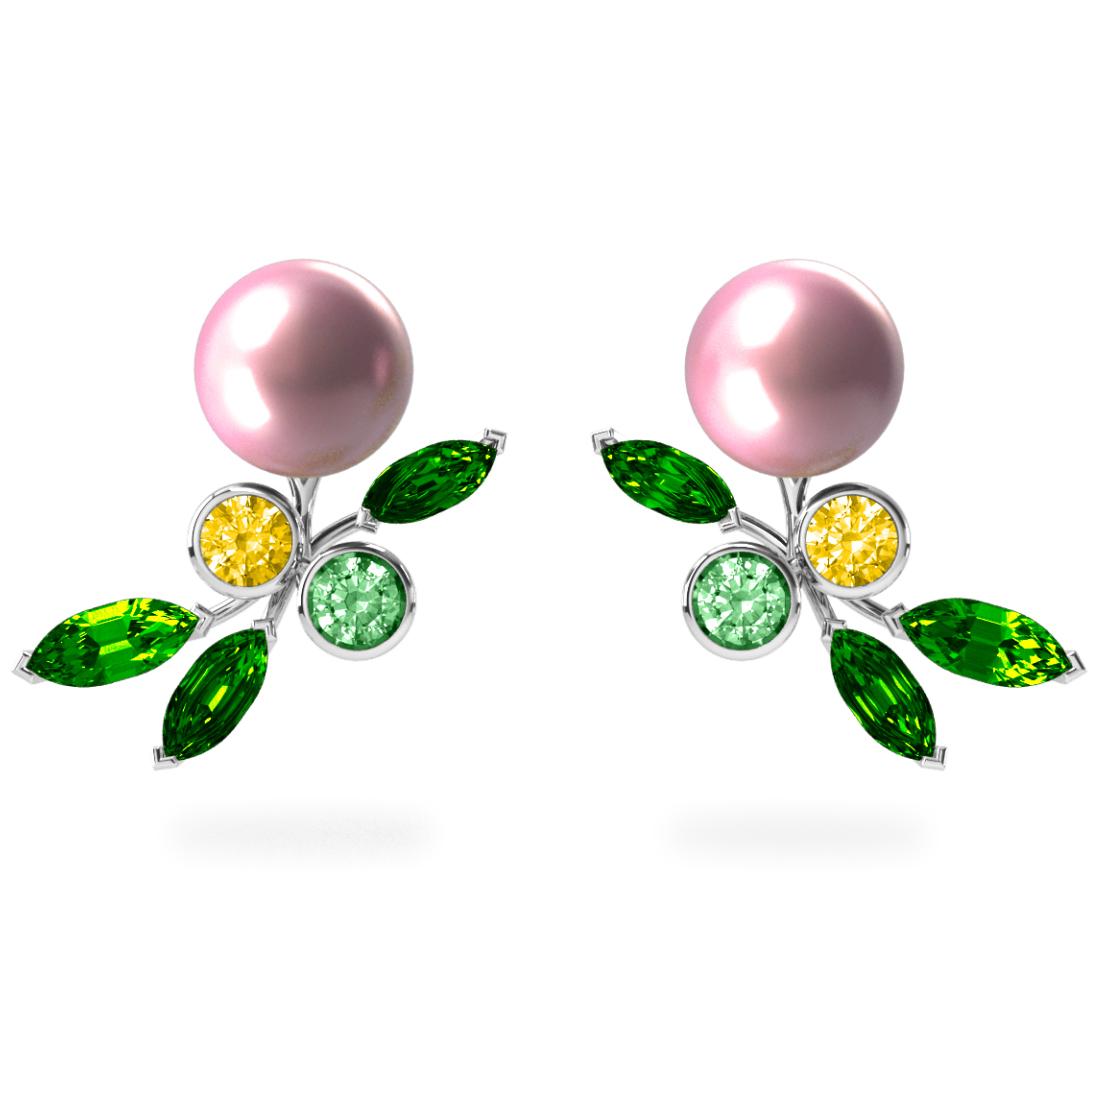 Boucles d'oreilles My Angel Rose - Saphirs, diamants, tsavorites & perles d'eau douce <br /> Or blanc 18 carats